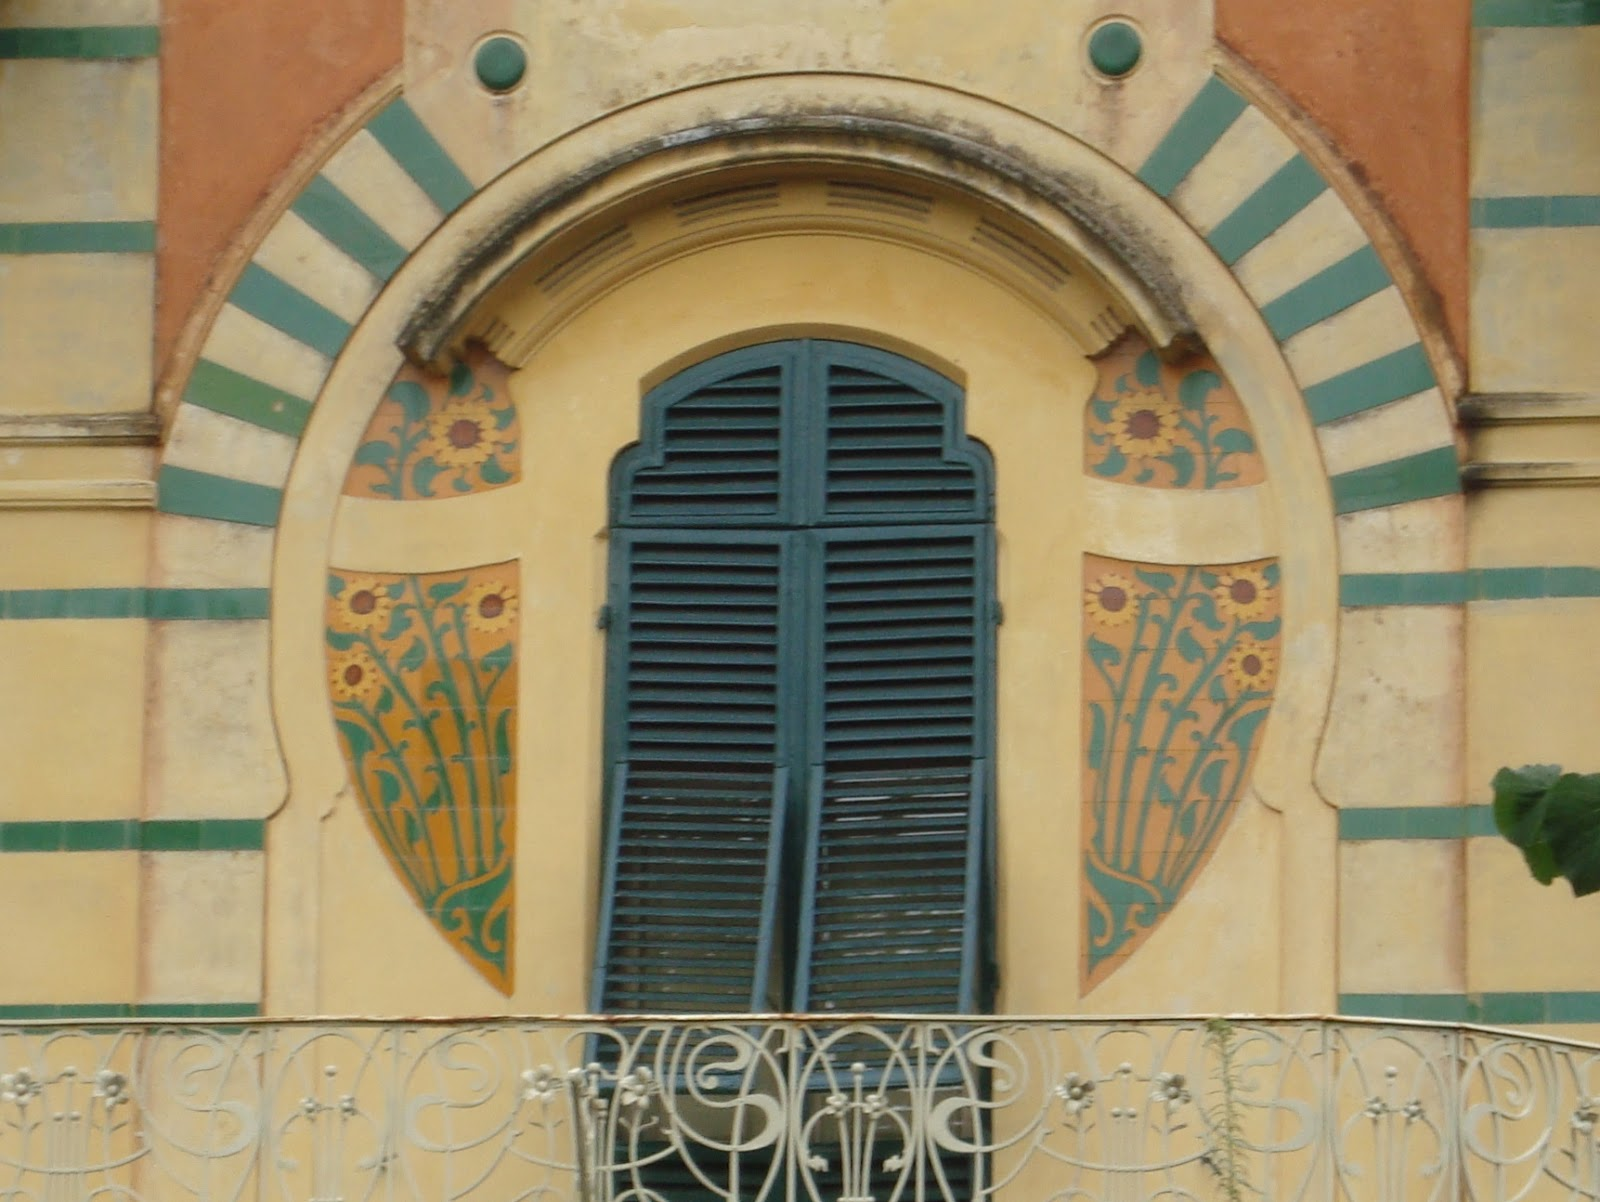 Paseos Art Nouveau: Villa Ducloz, n° 234 via Matteo Civitali